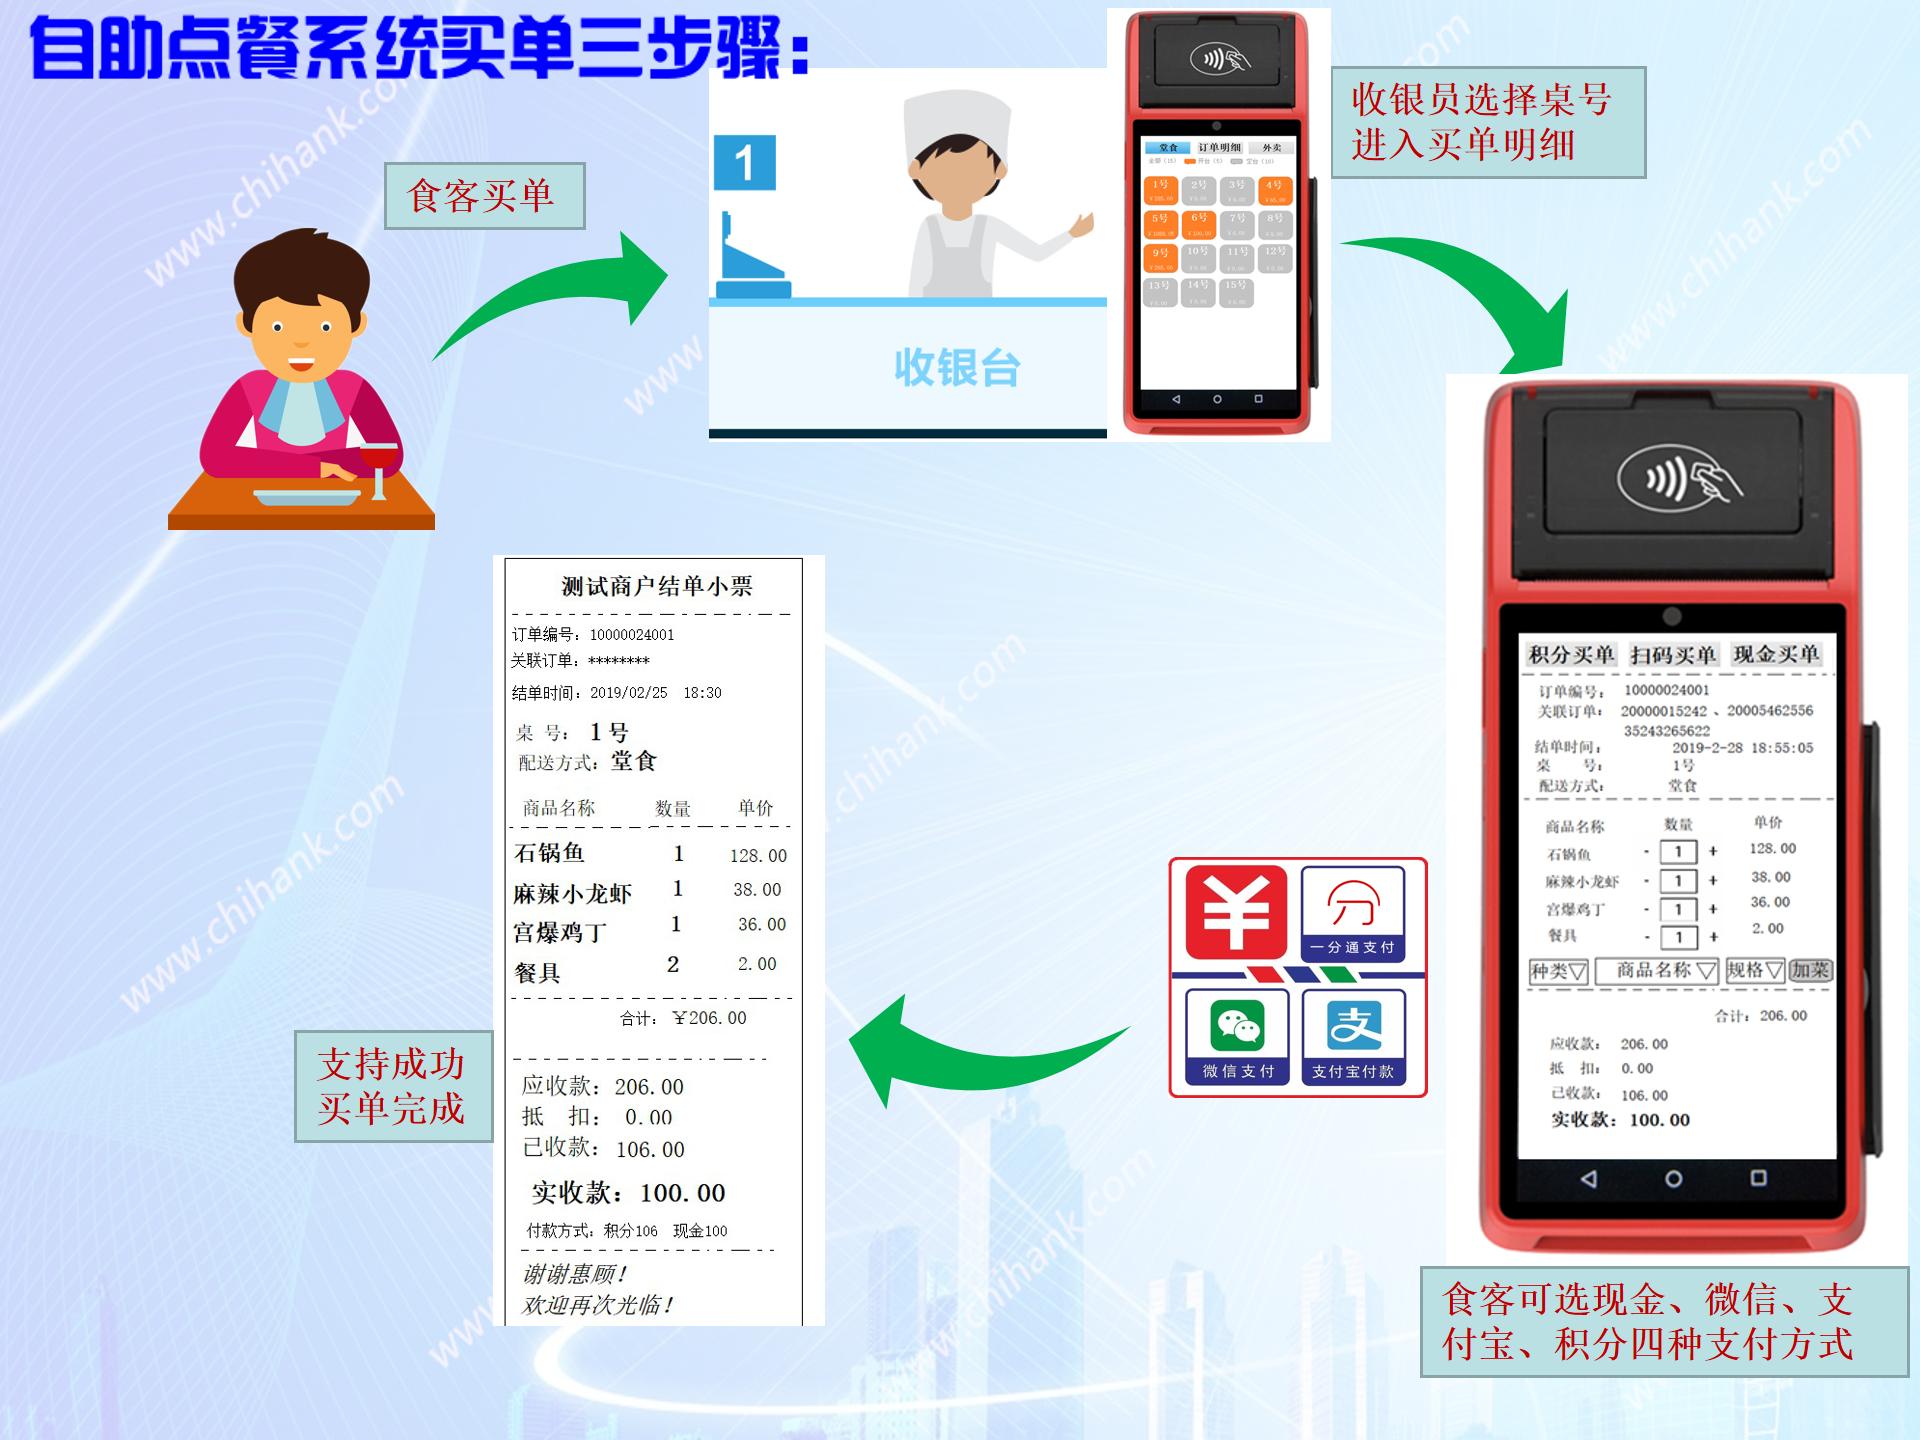 餐饮饭店自助点餐系统_微信餐饮服务桌牌-深圳市中贤在线技术有限公司